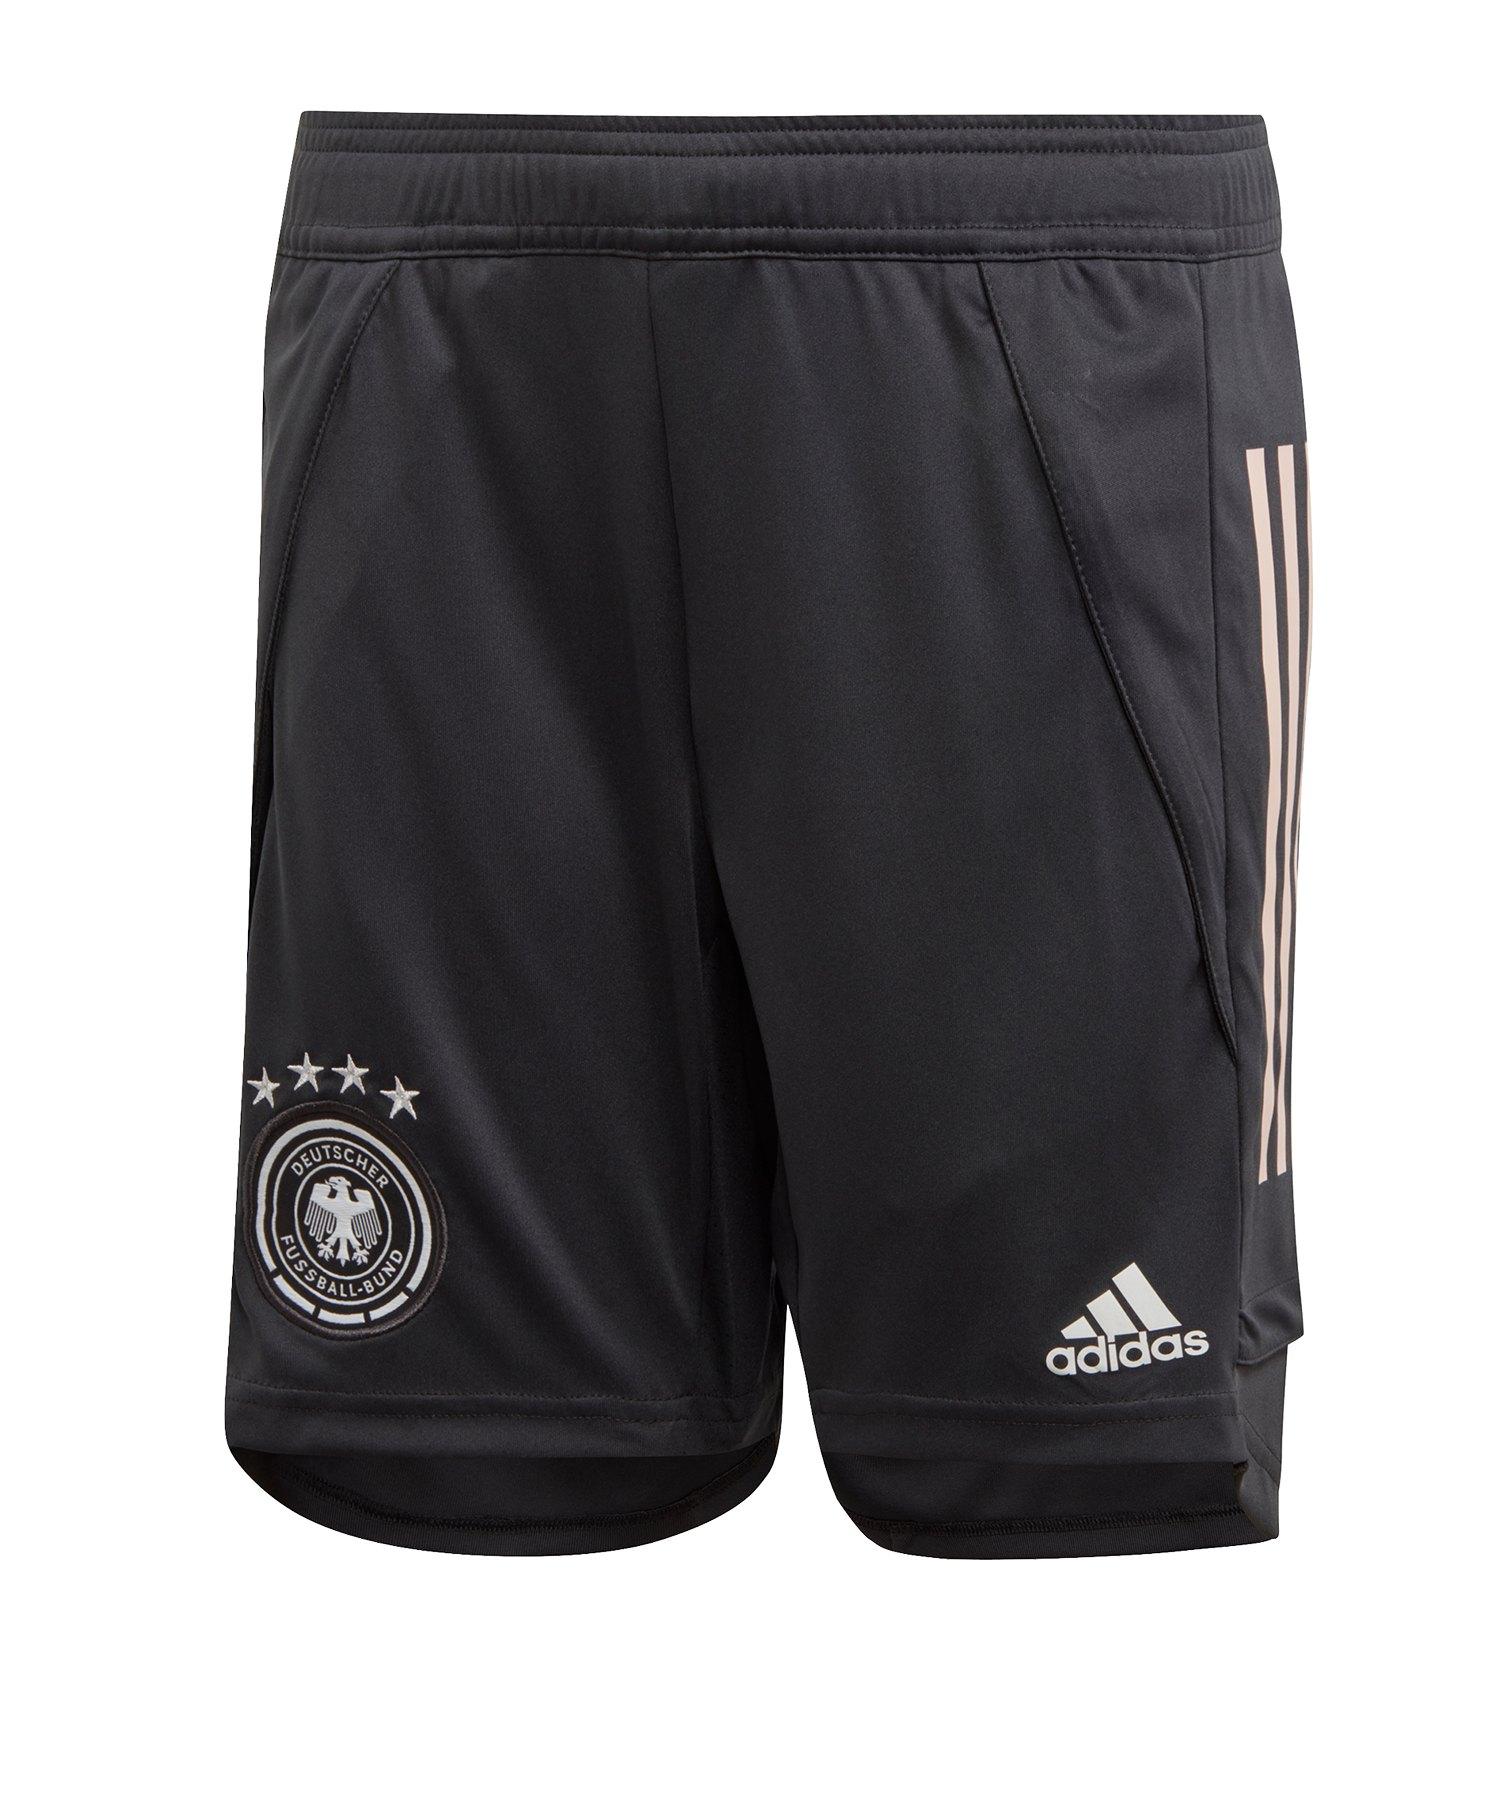 adidas DFB Deutschland Trainingsshort Kids Schwarz - schwarz